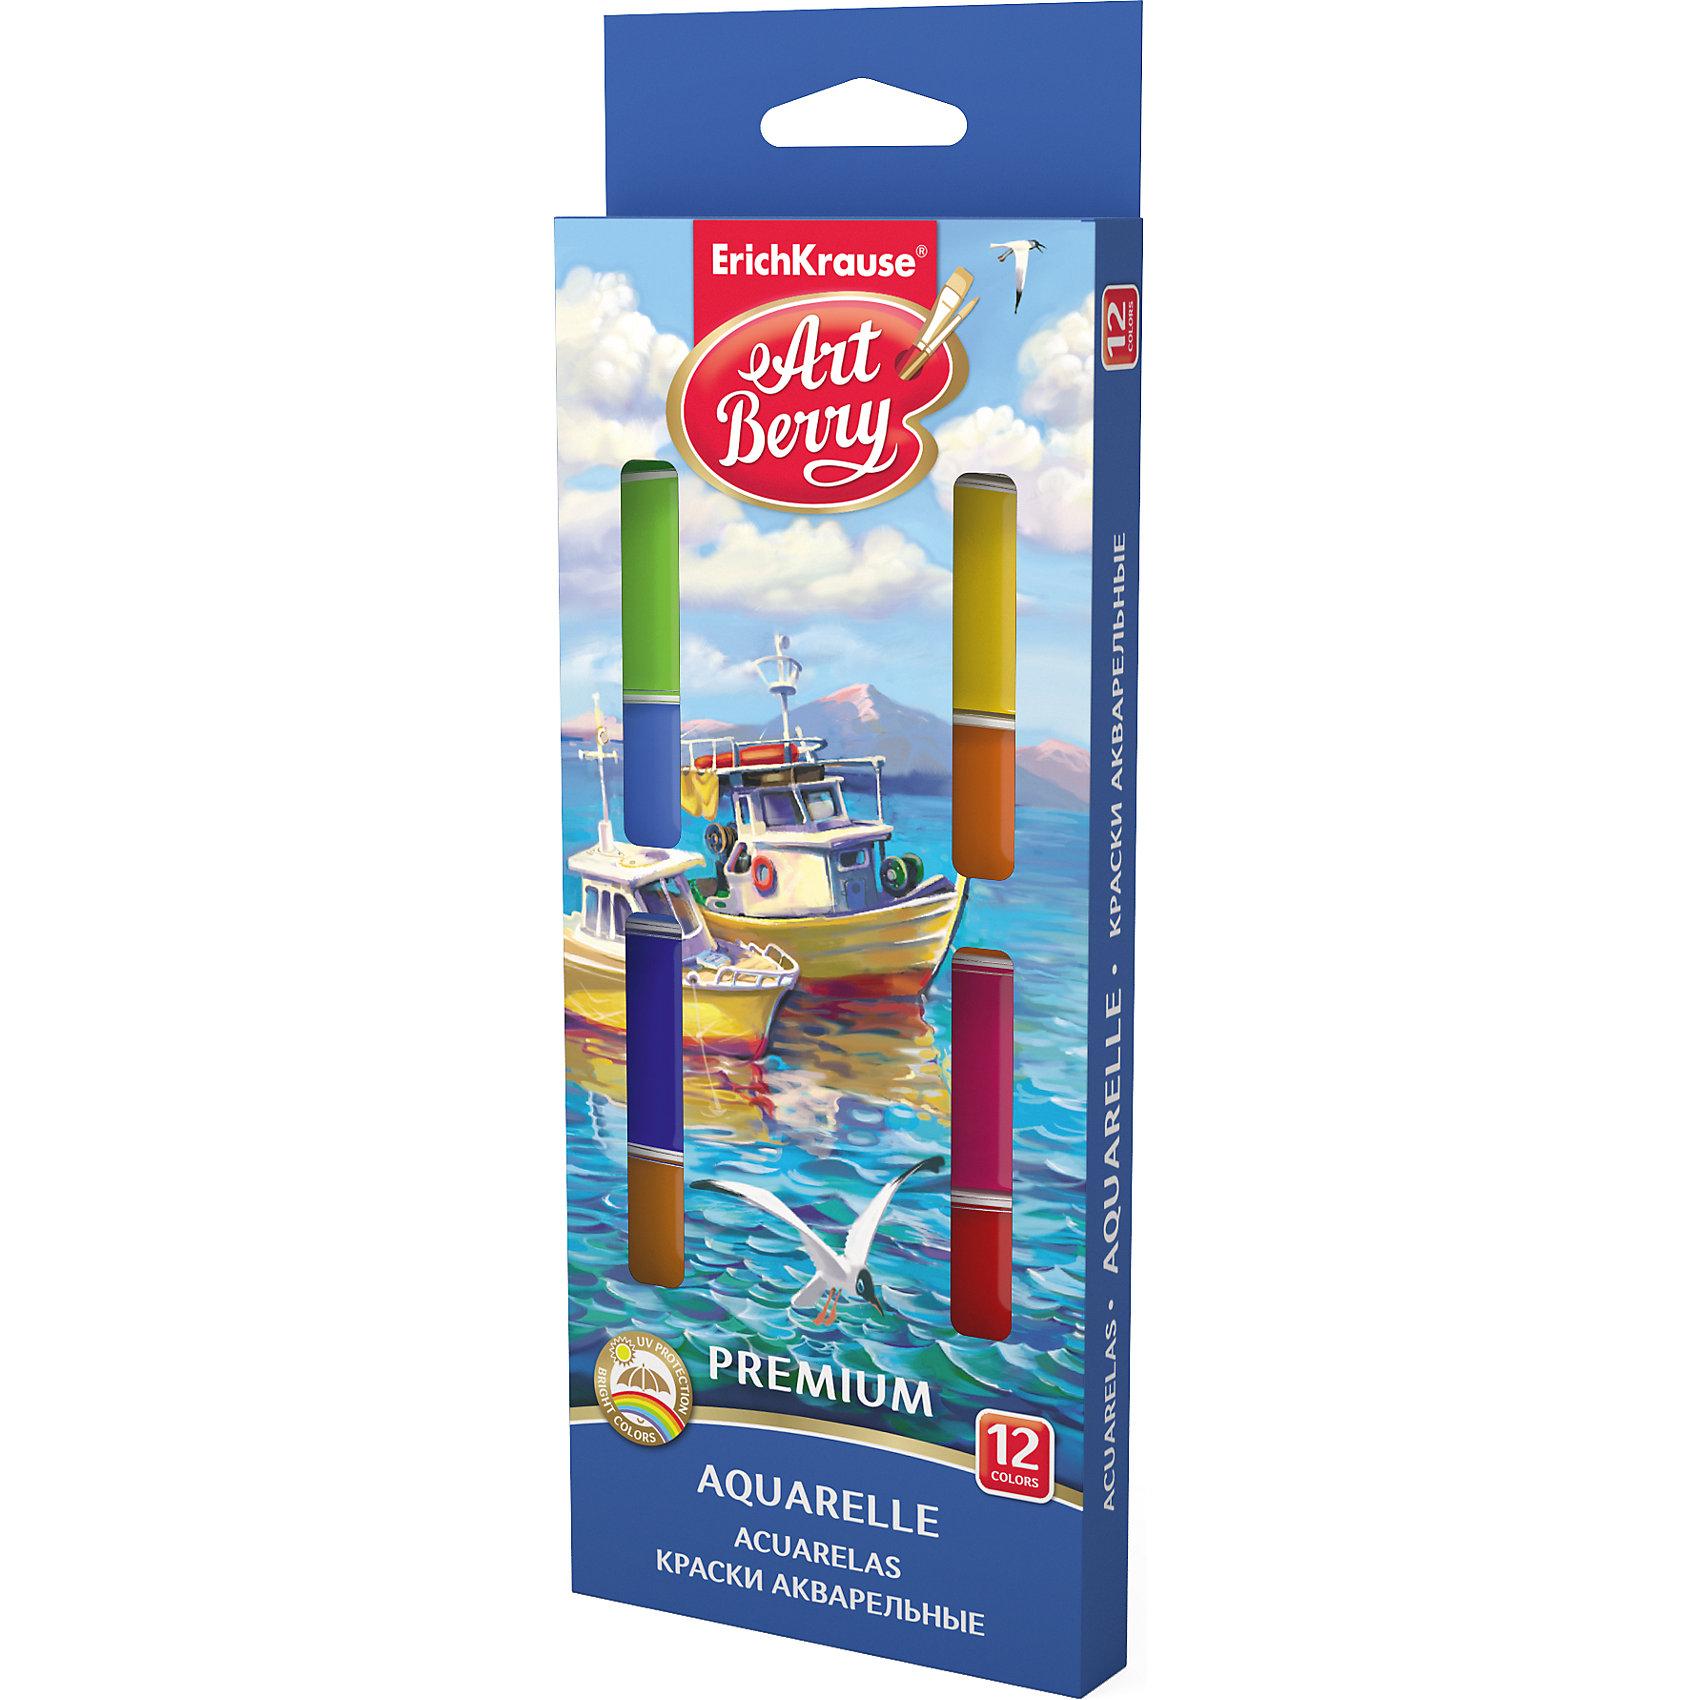 Краски акварельные ArtBerry Премиум, 12 цветов с УФ защитой яркостиХарактеристики акварельных красок ArtBerry Премиум :<br><br>• возраст: от 5 лет<br>• пол: для мальчиков и девочек<br>• материал: пластик, краситель, связующее вещество.<br>• размер упаковки: 18.5 х 7 х 1 см.<br>• упаковка: картонная коробка.<br>• тип: акварельные полусухие.<br>• количество цветов: 12.<br>• бренд: Erich Krause<br>• страна обладатель бренда: Россия.<br><br>Акварельные краски ArtBerry серии Premium с УФ защитой с кюветами увеличенного объема и обновленной цветовой палитрой представлены в практичном пенале. Конструкция пенала, позволяет загибать крышку под кюветы, а также легко снимать с её и использовать в качестве палитры для смешивания красок.<br><br>Акварельные краски ArtBerry Премиум торговой марки Erich Krause  можно купить в нашем интернет-магазине.<br><br>Ширина мм: 90<br>Глубина мм: 242<br>Высота мм: 16<br>Вес г: 154<br>Возраст от месяцев: 60<br>Возраст до месяцев: 216<br>Пол: Унисекс<br>Возраст: Детский<br>SKU: 5409206